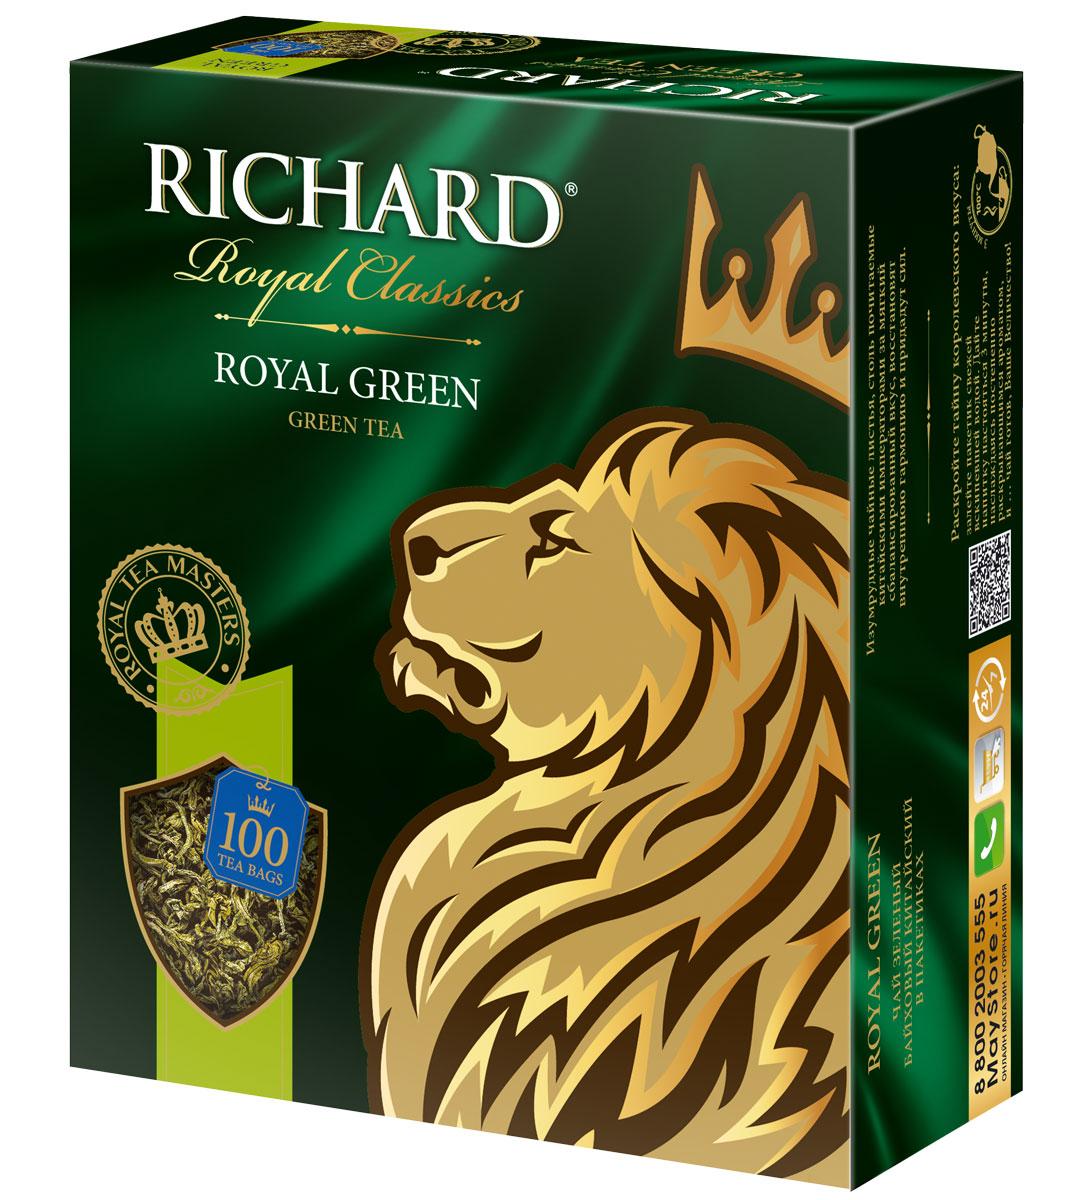 Richard Royal Green зеленый чай в пакетиках, 100 шт0120710Richard Royal Green - зеленый байховый китайский чай в пакетиках. Изумрудные чайные листья, столь почитаемые за мягкий сбалансированный вкус, восстановят внутреннюю гармонию и придадут сил.